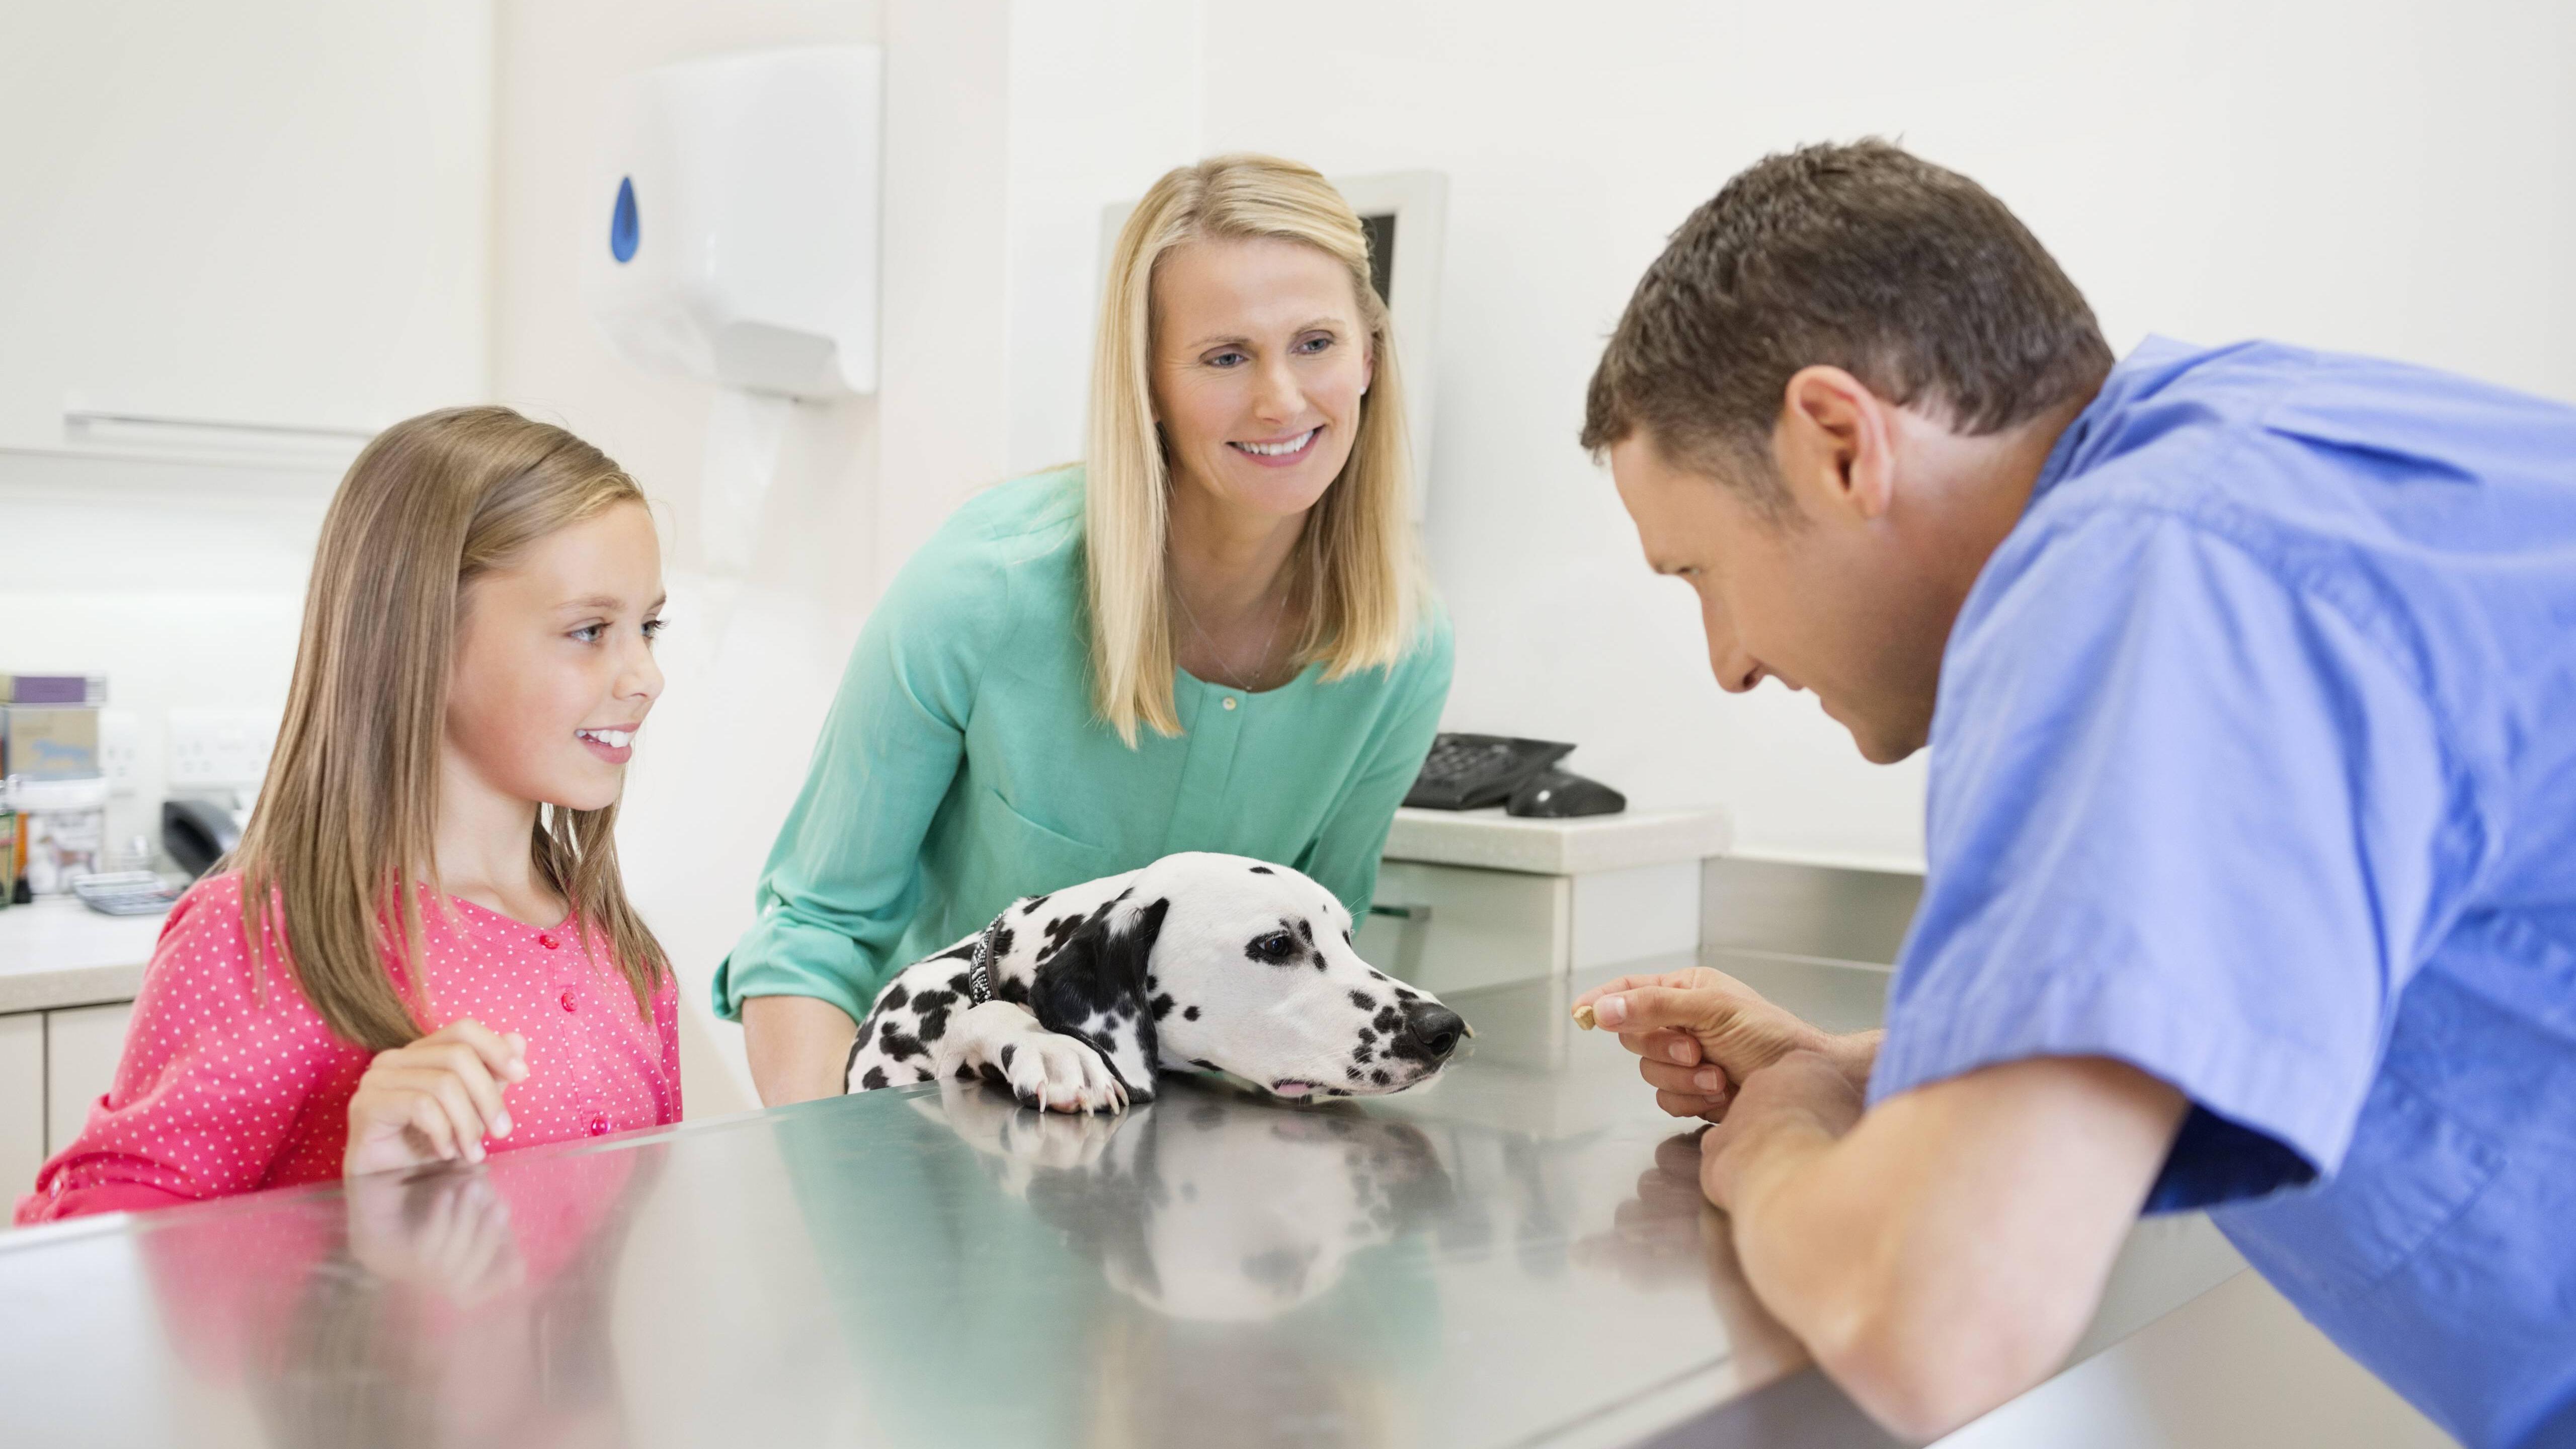 Ultraschall beim Hund: Das sollten Sie zur Untersuchung wissen